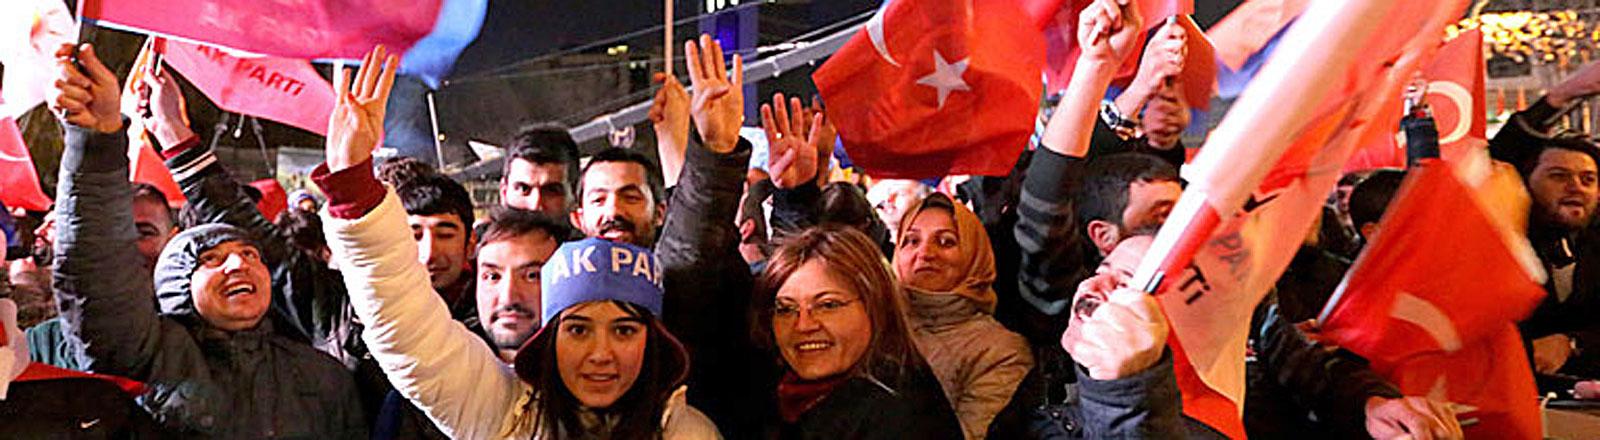 Erdogans Anhänger feiern den Wahlsieg der AKP